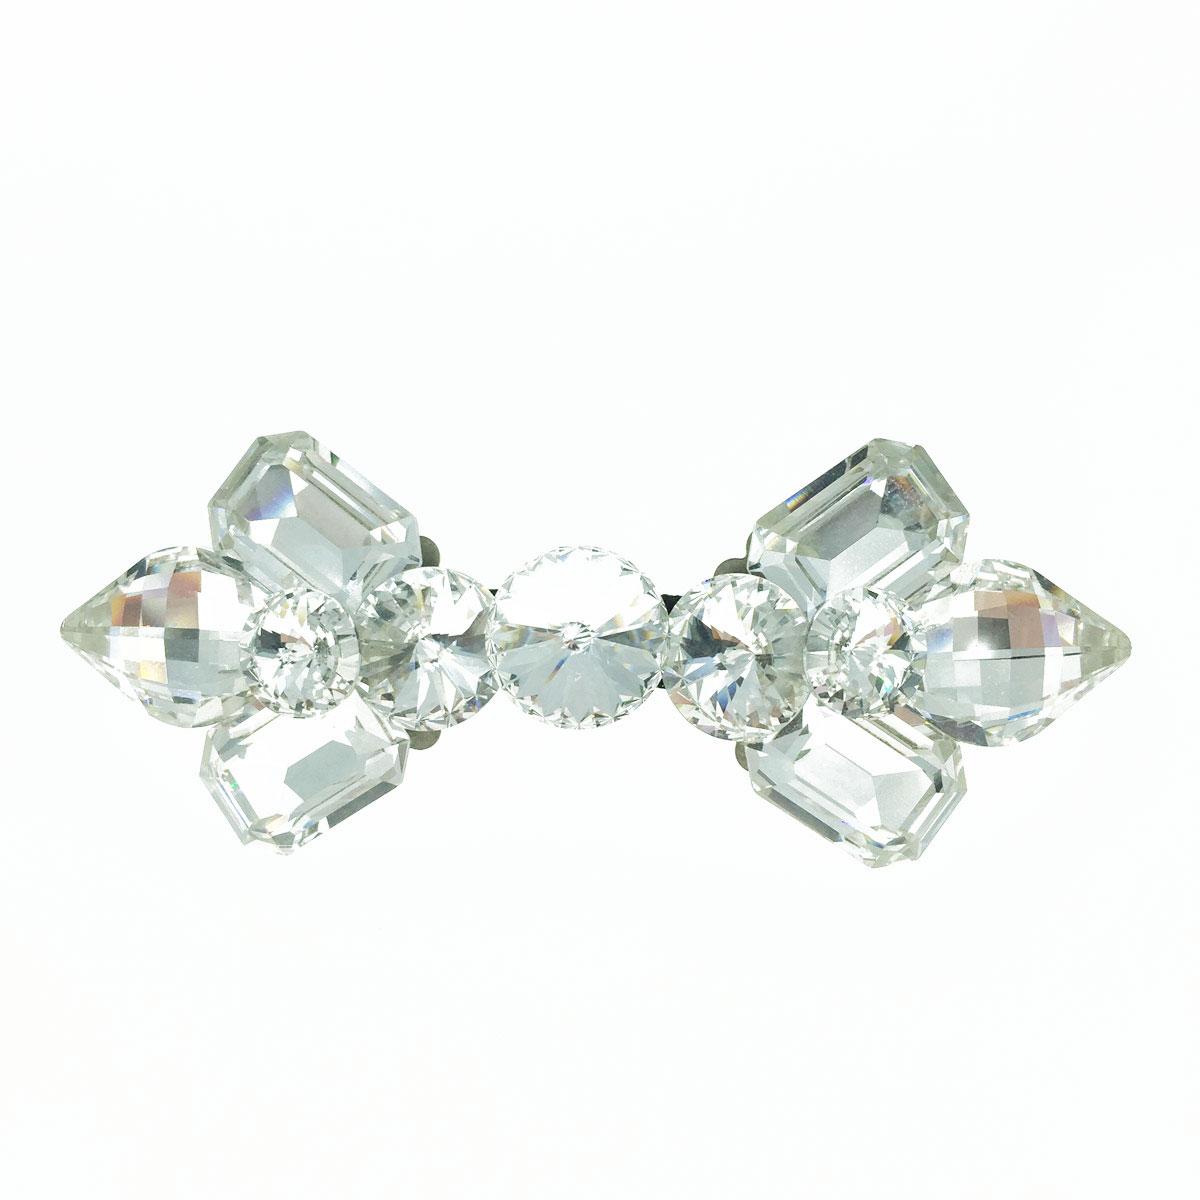 蝴蝶結 水晶 水鑽 白鑽 氣質款 髮飾 髮夾 自動夾 採用施華洛世奇水晶元素 Crystals from Swarovski